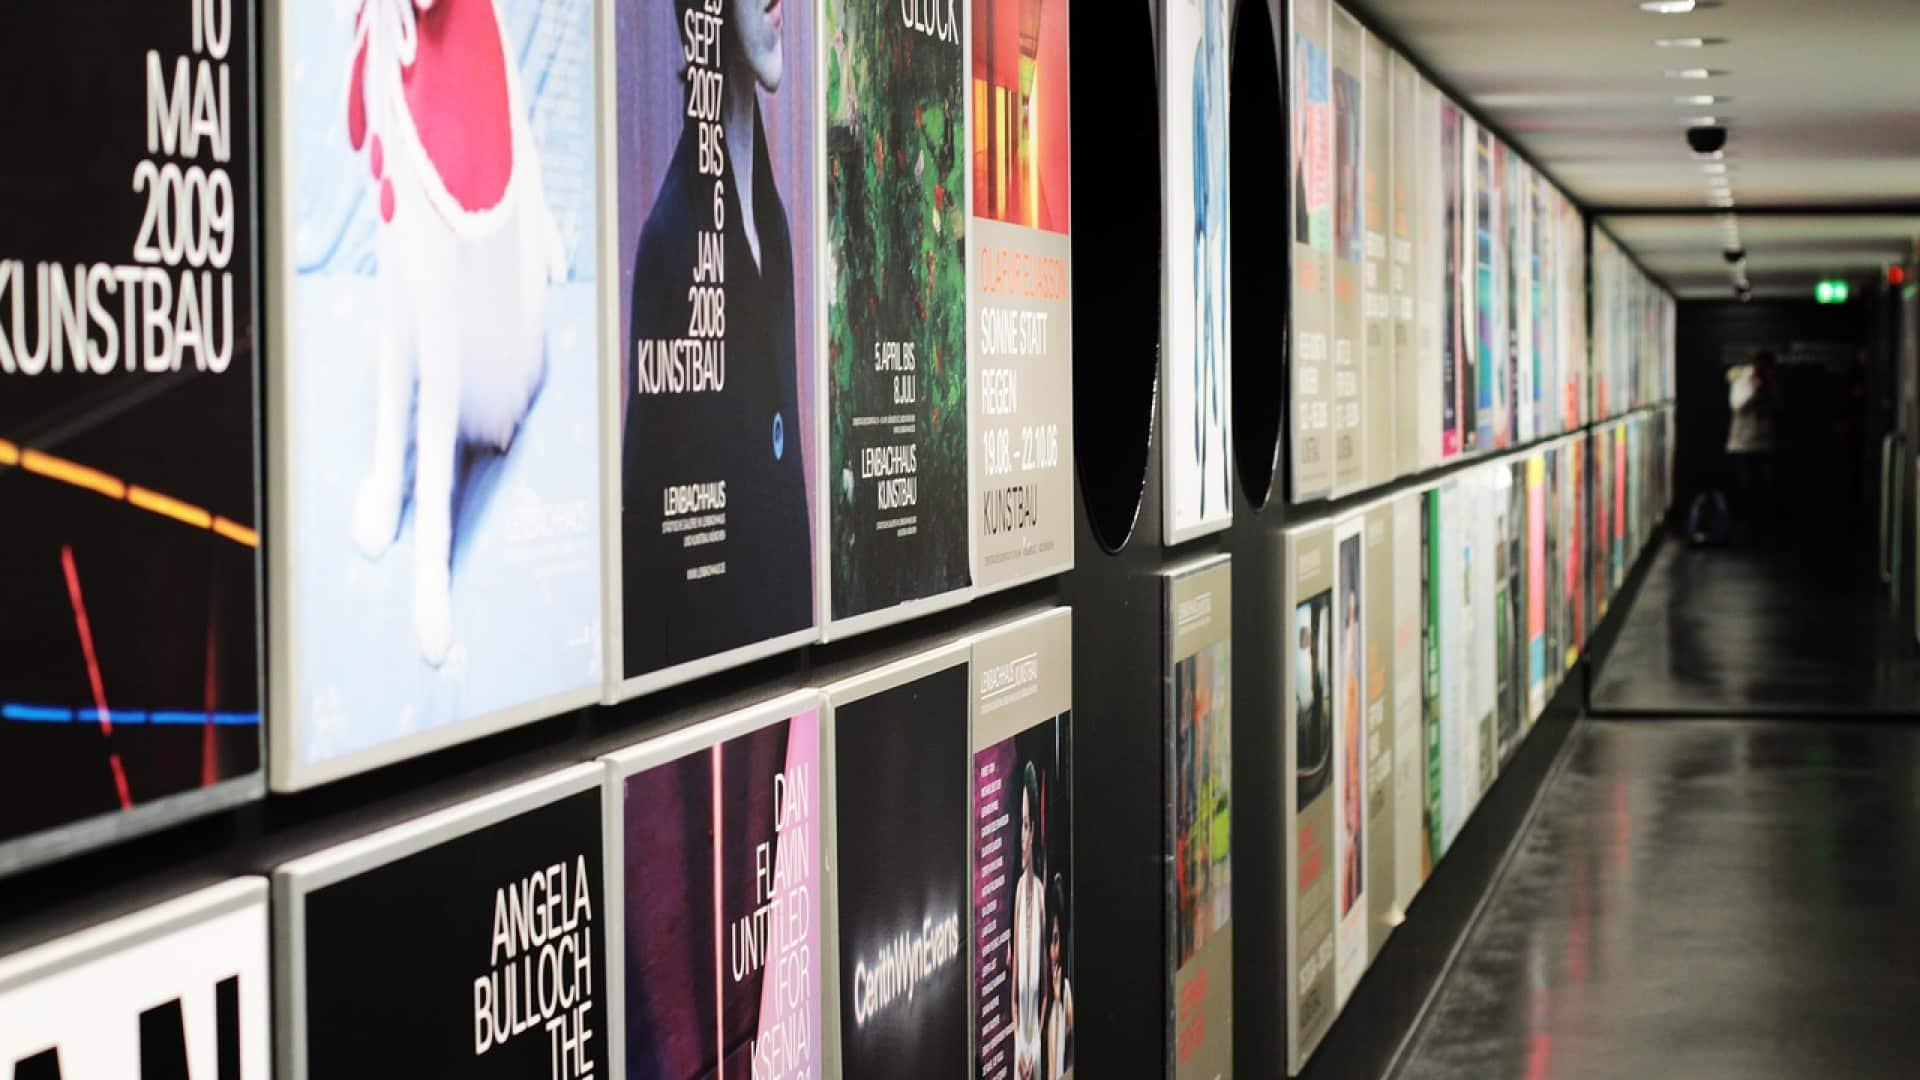 La grille d'exposition, l'équipement de communication par excellence en faveur des collectivités